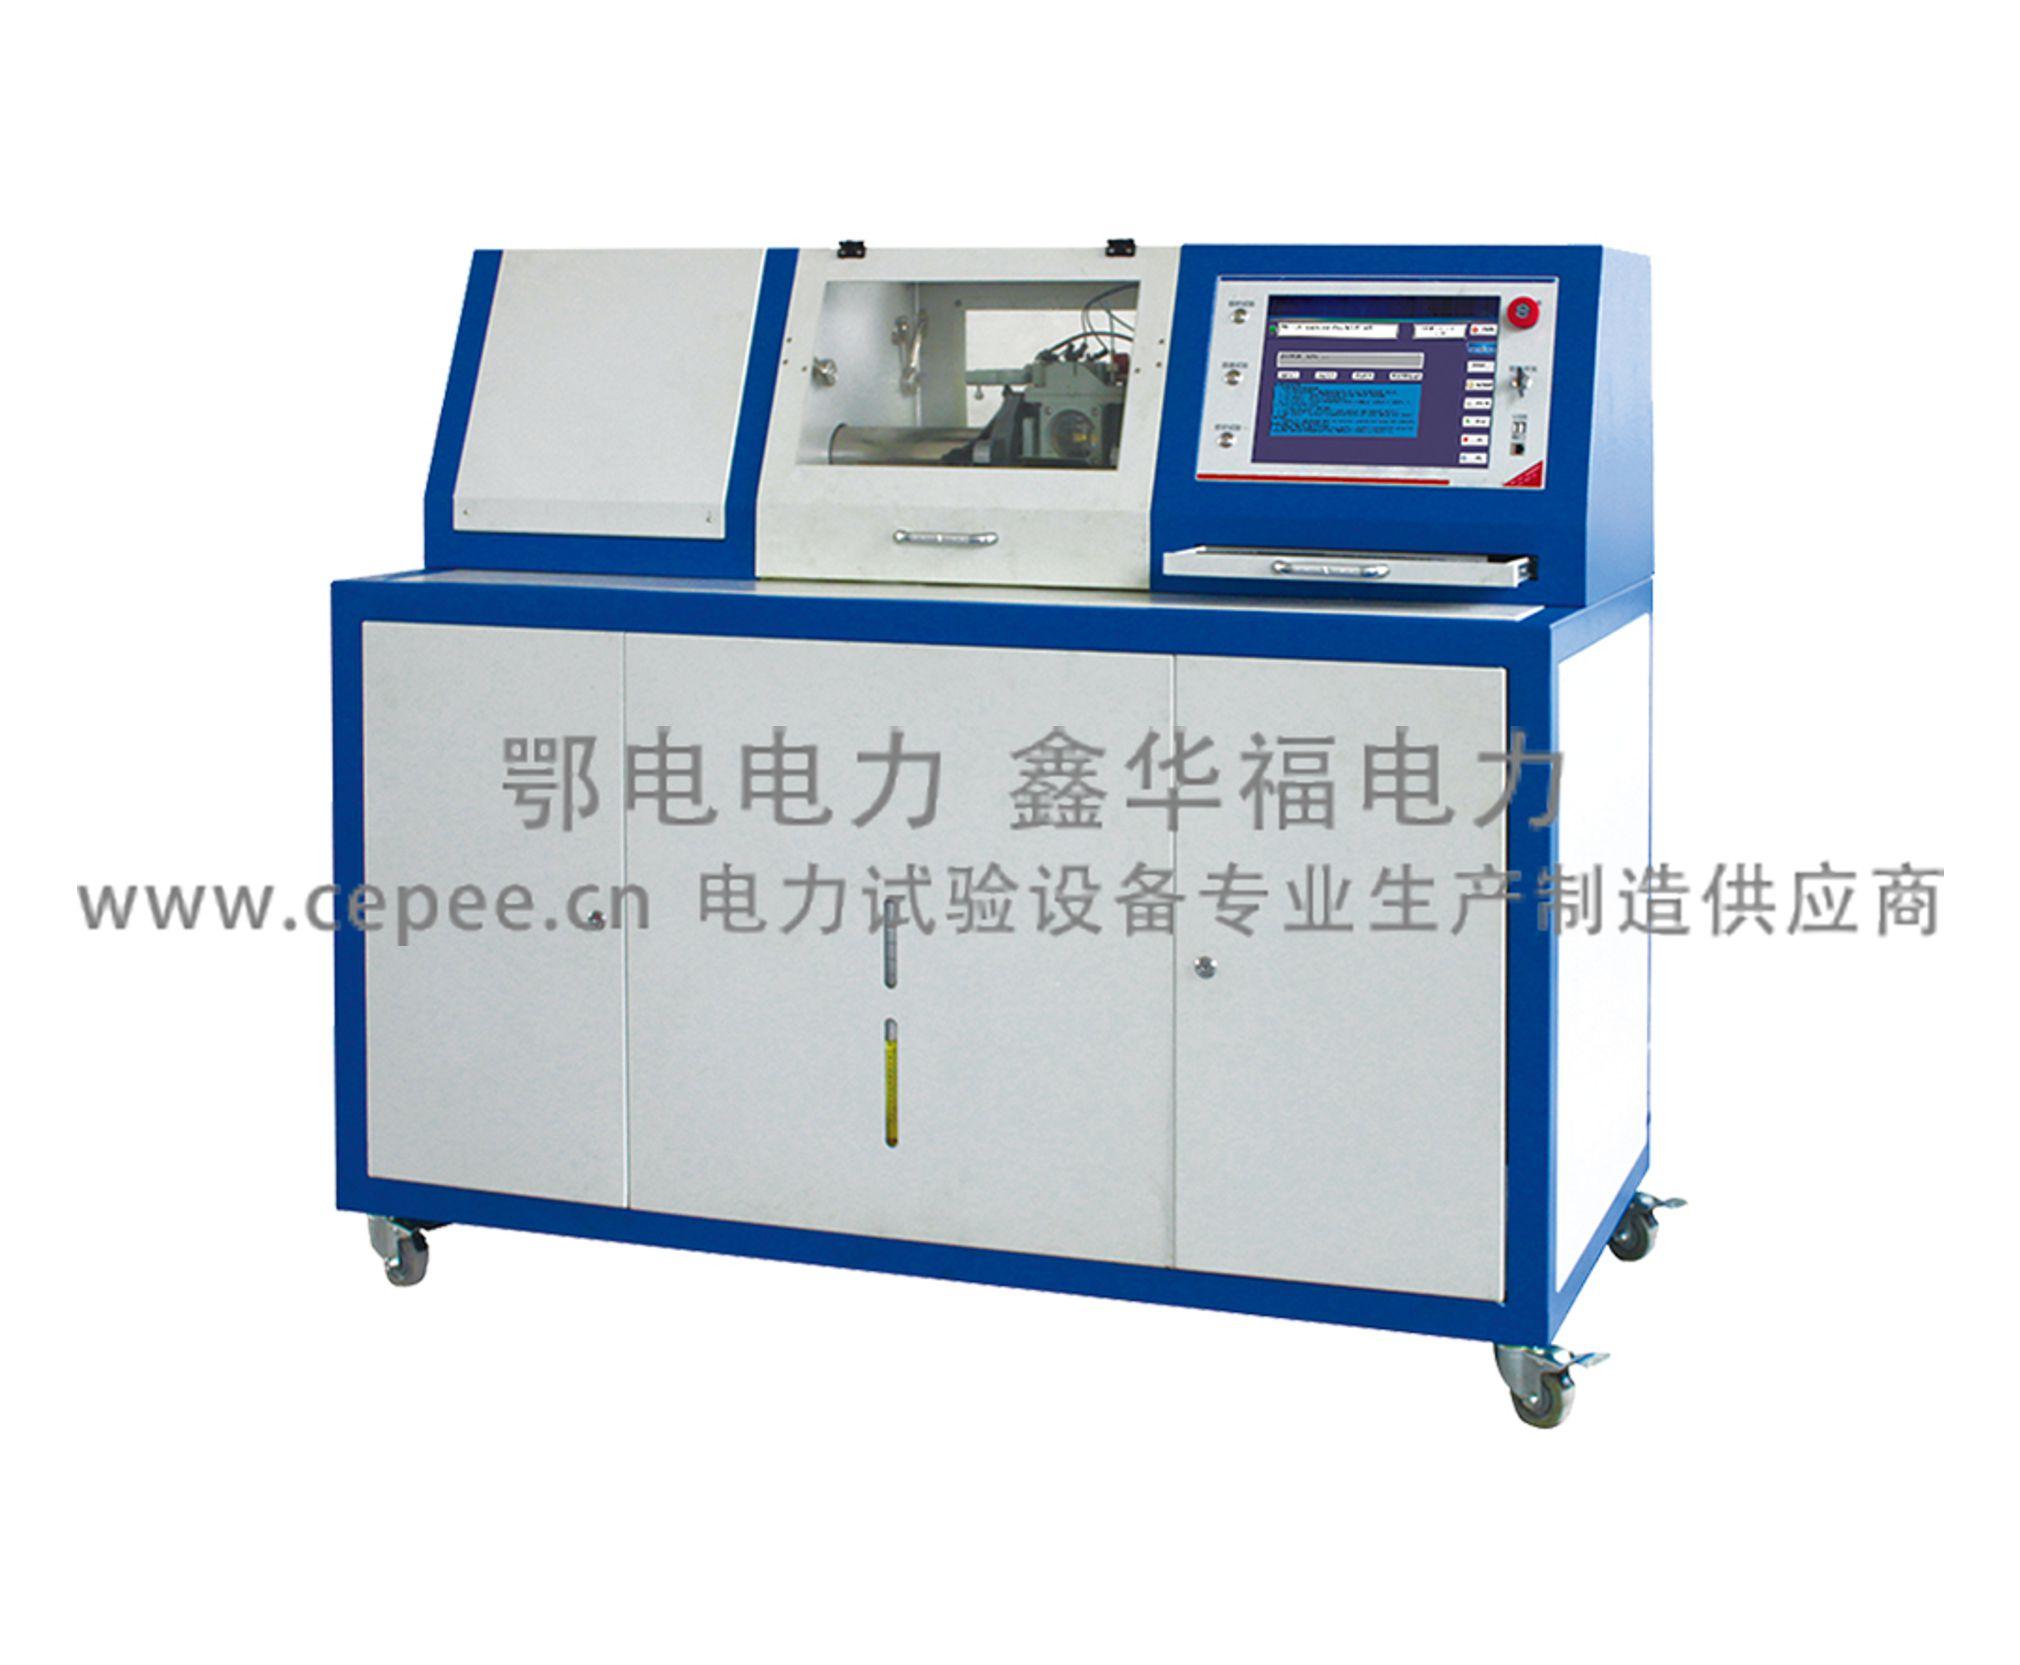 气体瓦斯继电器校验台_变压器瓦斯其他实验仪器装置厂家-武汉鄂电电力试验设备有限公司